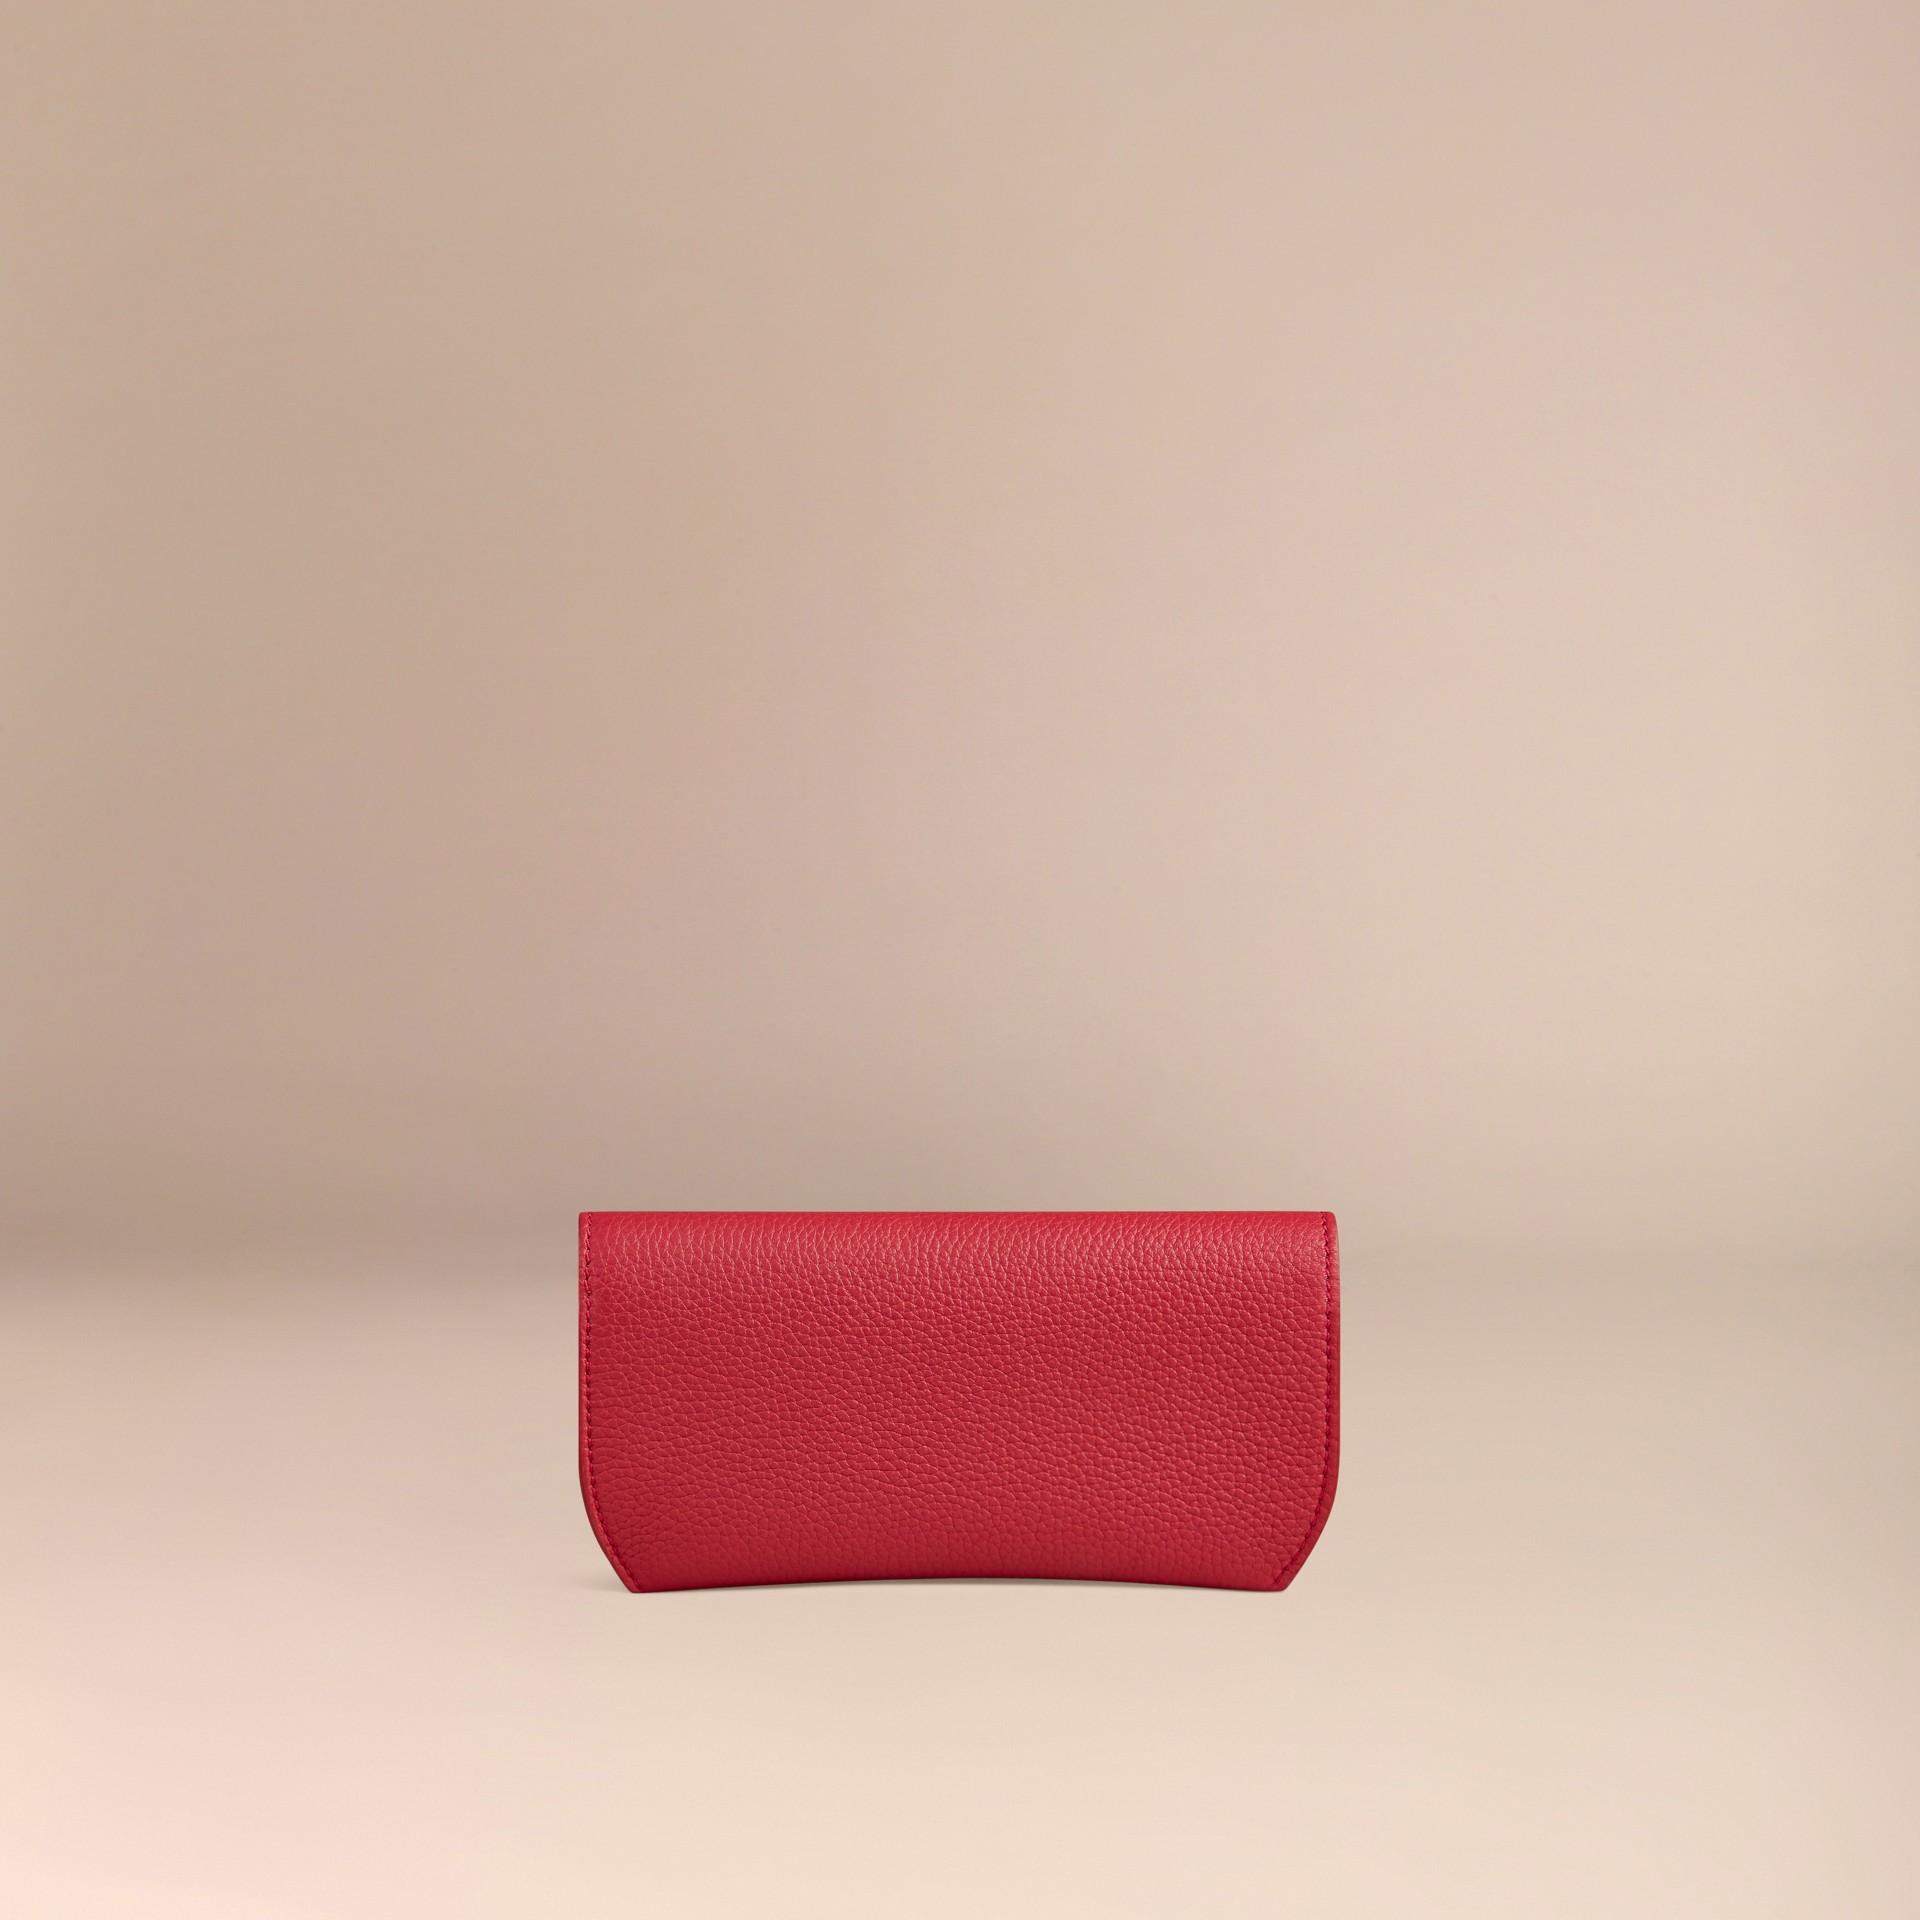 Rosso parata Custodia per occhiali in pelle a grana Rosso Parata - immagine della galleria 3